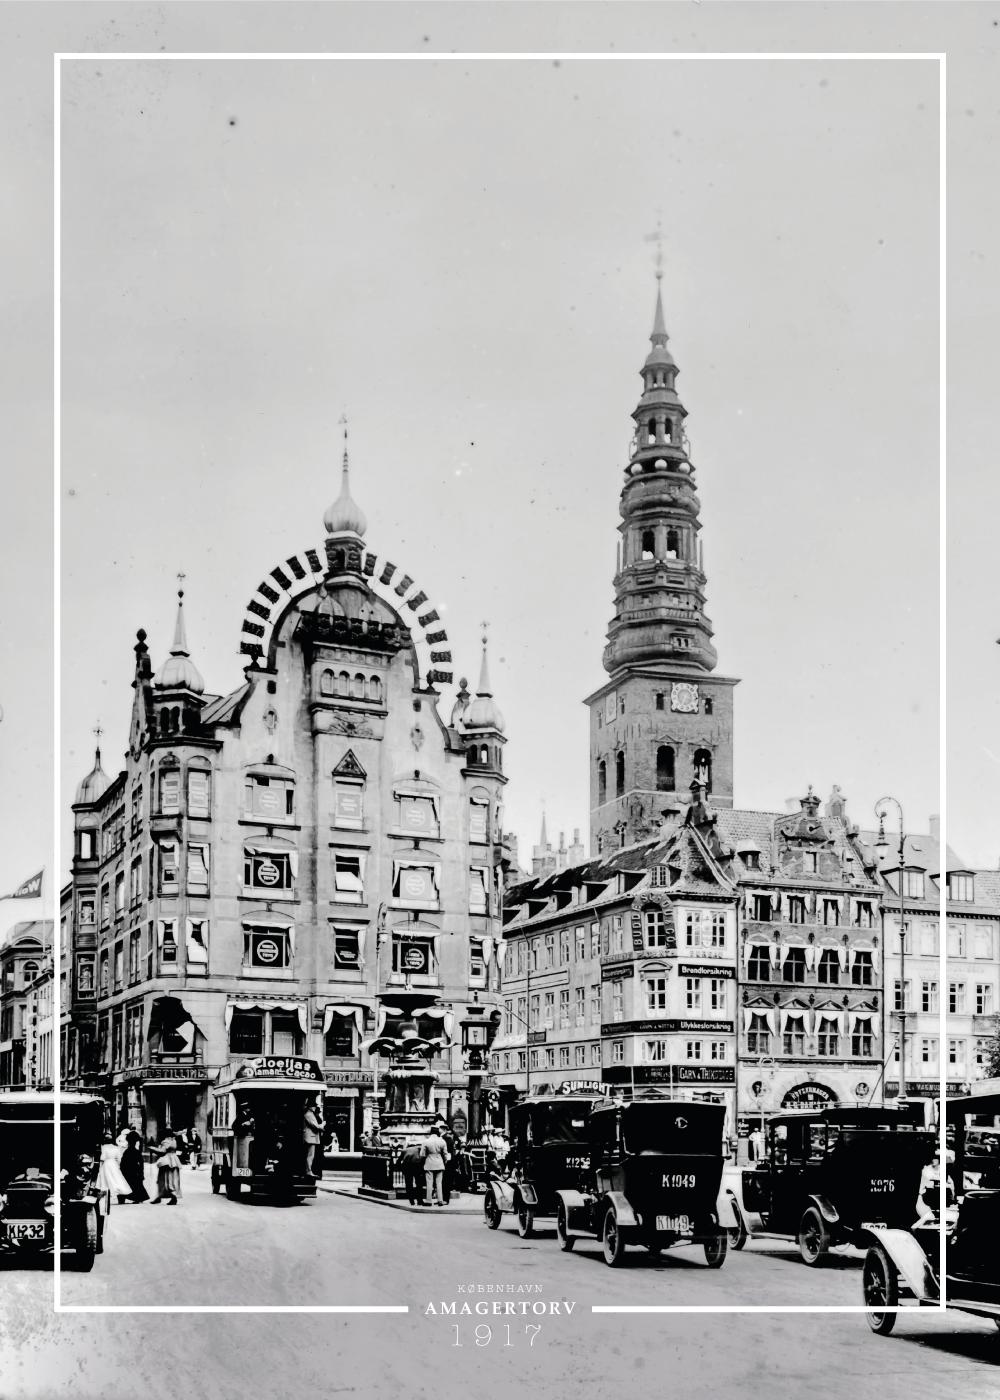 Billede af Amagertorv - Gamle billeder af København plakat